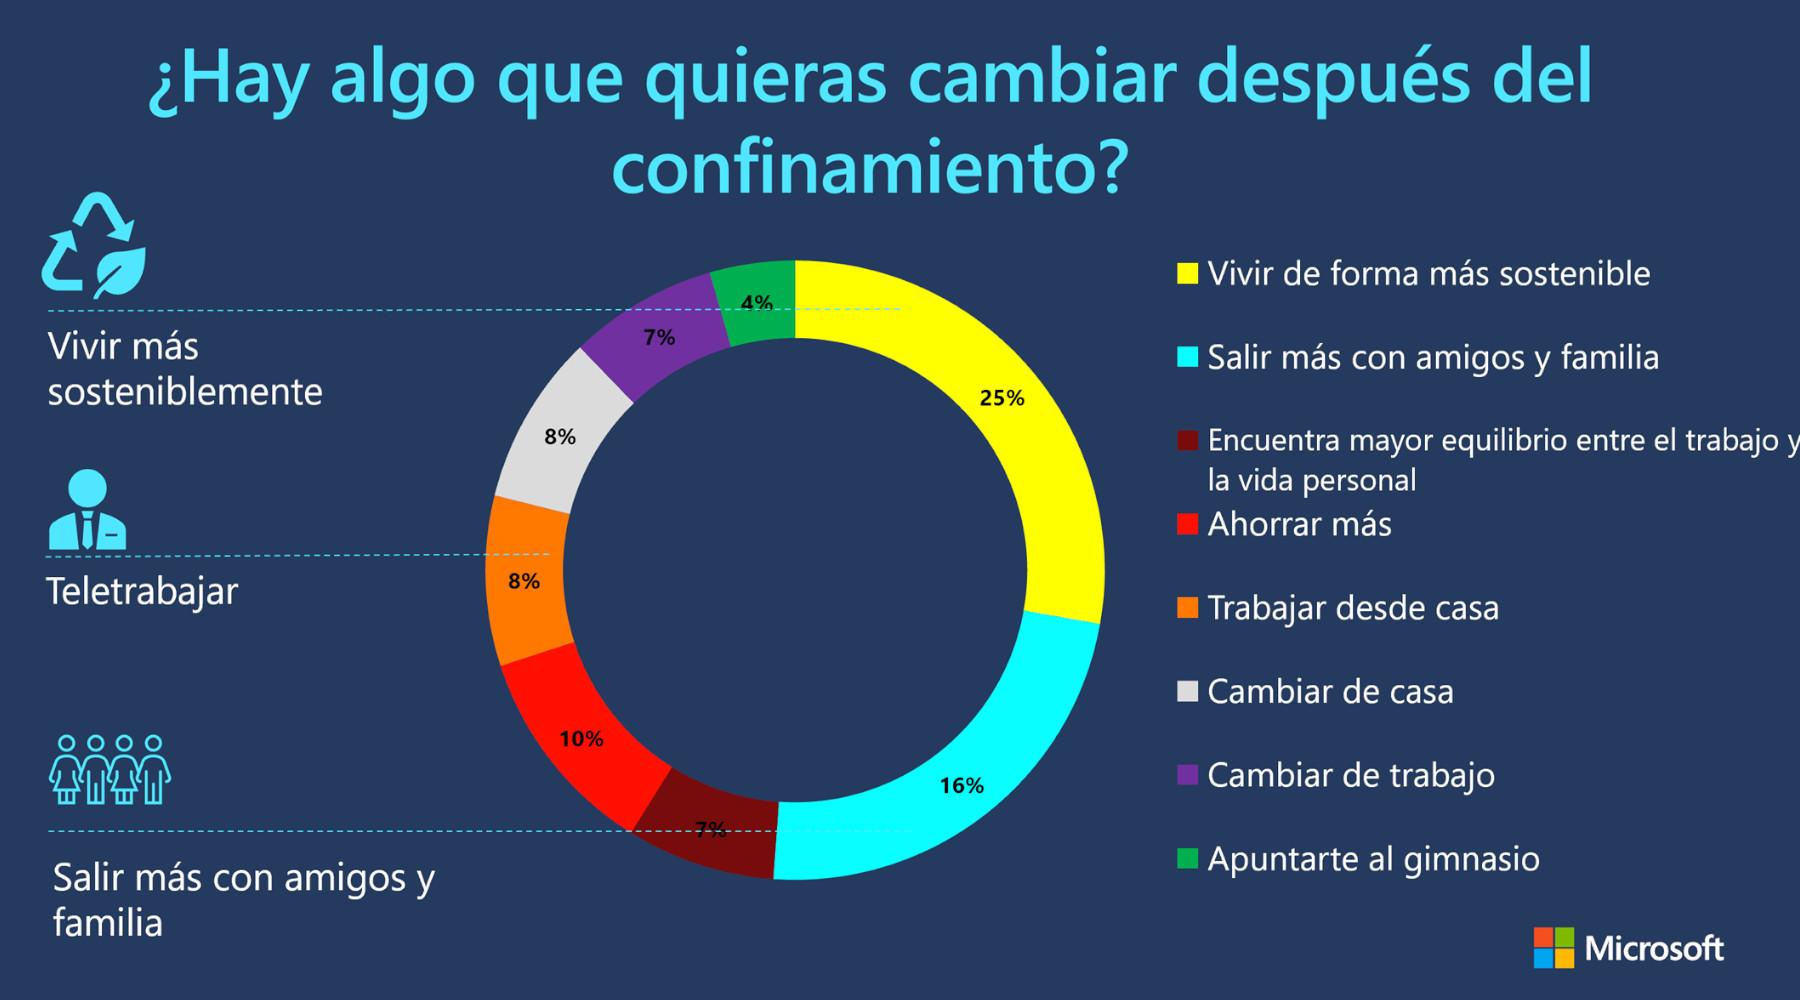 El gráfico muestra los resultados de la encuesta sobre qué es lo que los consumidores querrían cambiar después del confinamiento